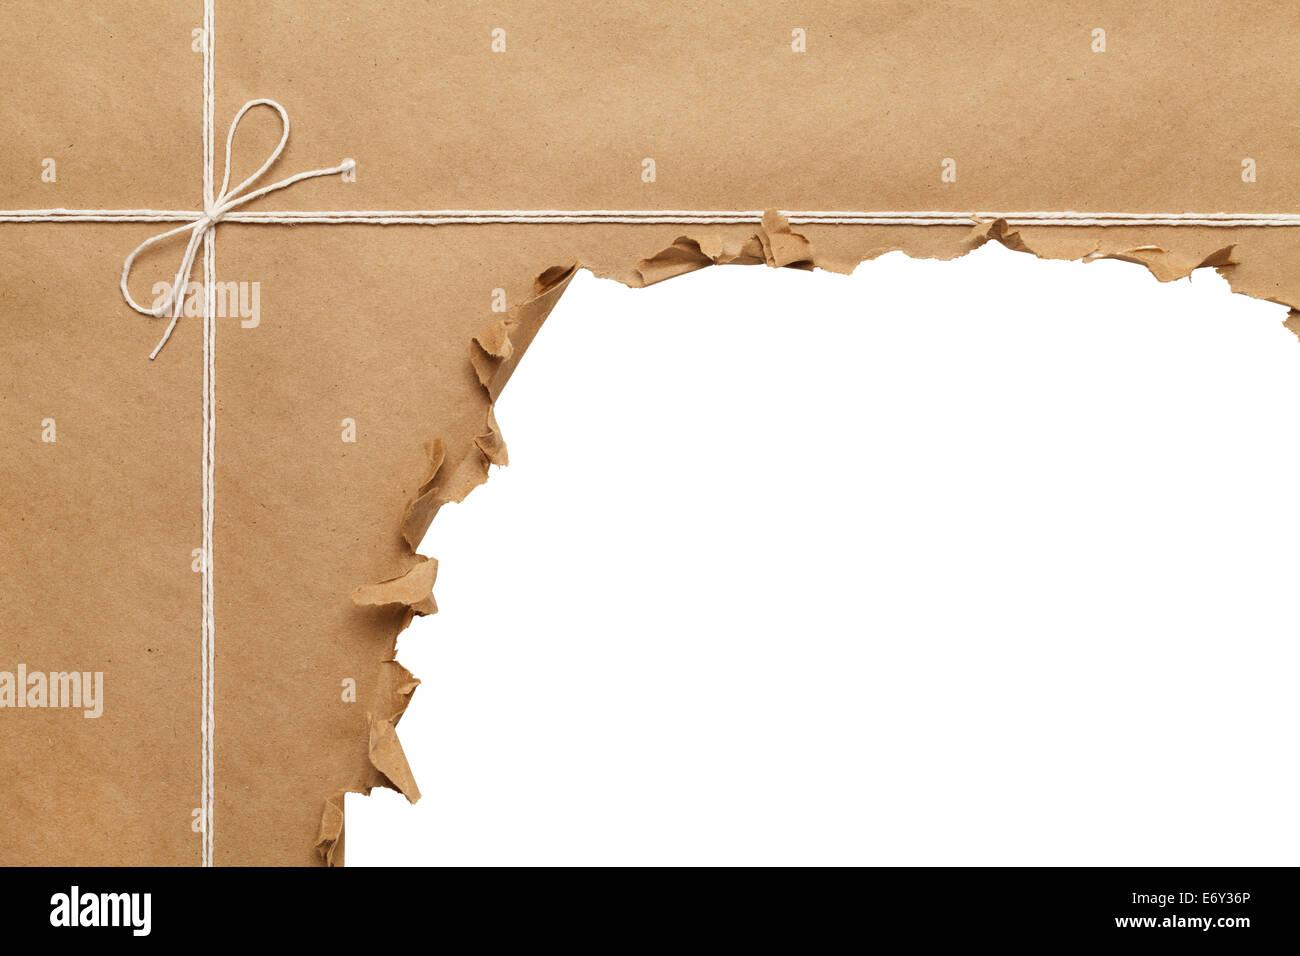 L'emballage du papier marron avec corde à ouvrir, sur fond blanc. Banque D'Images